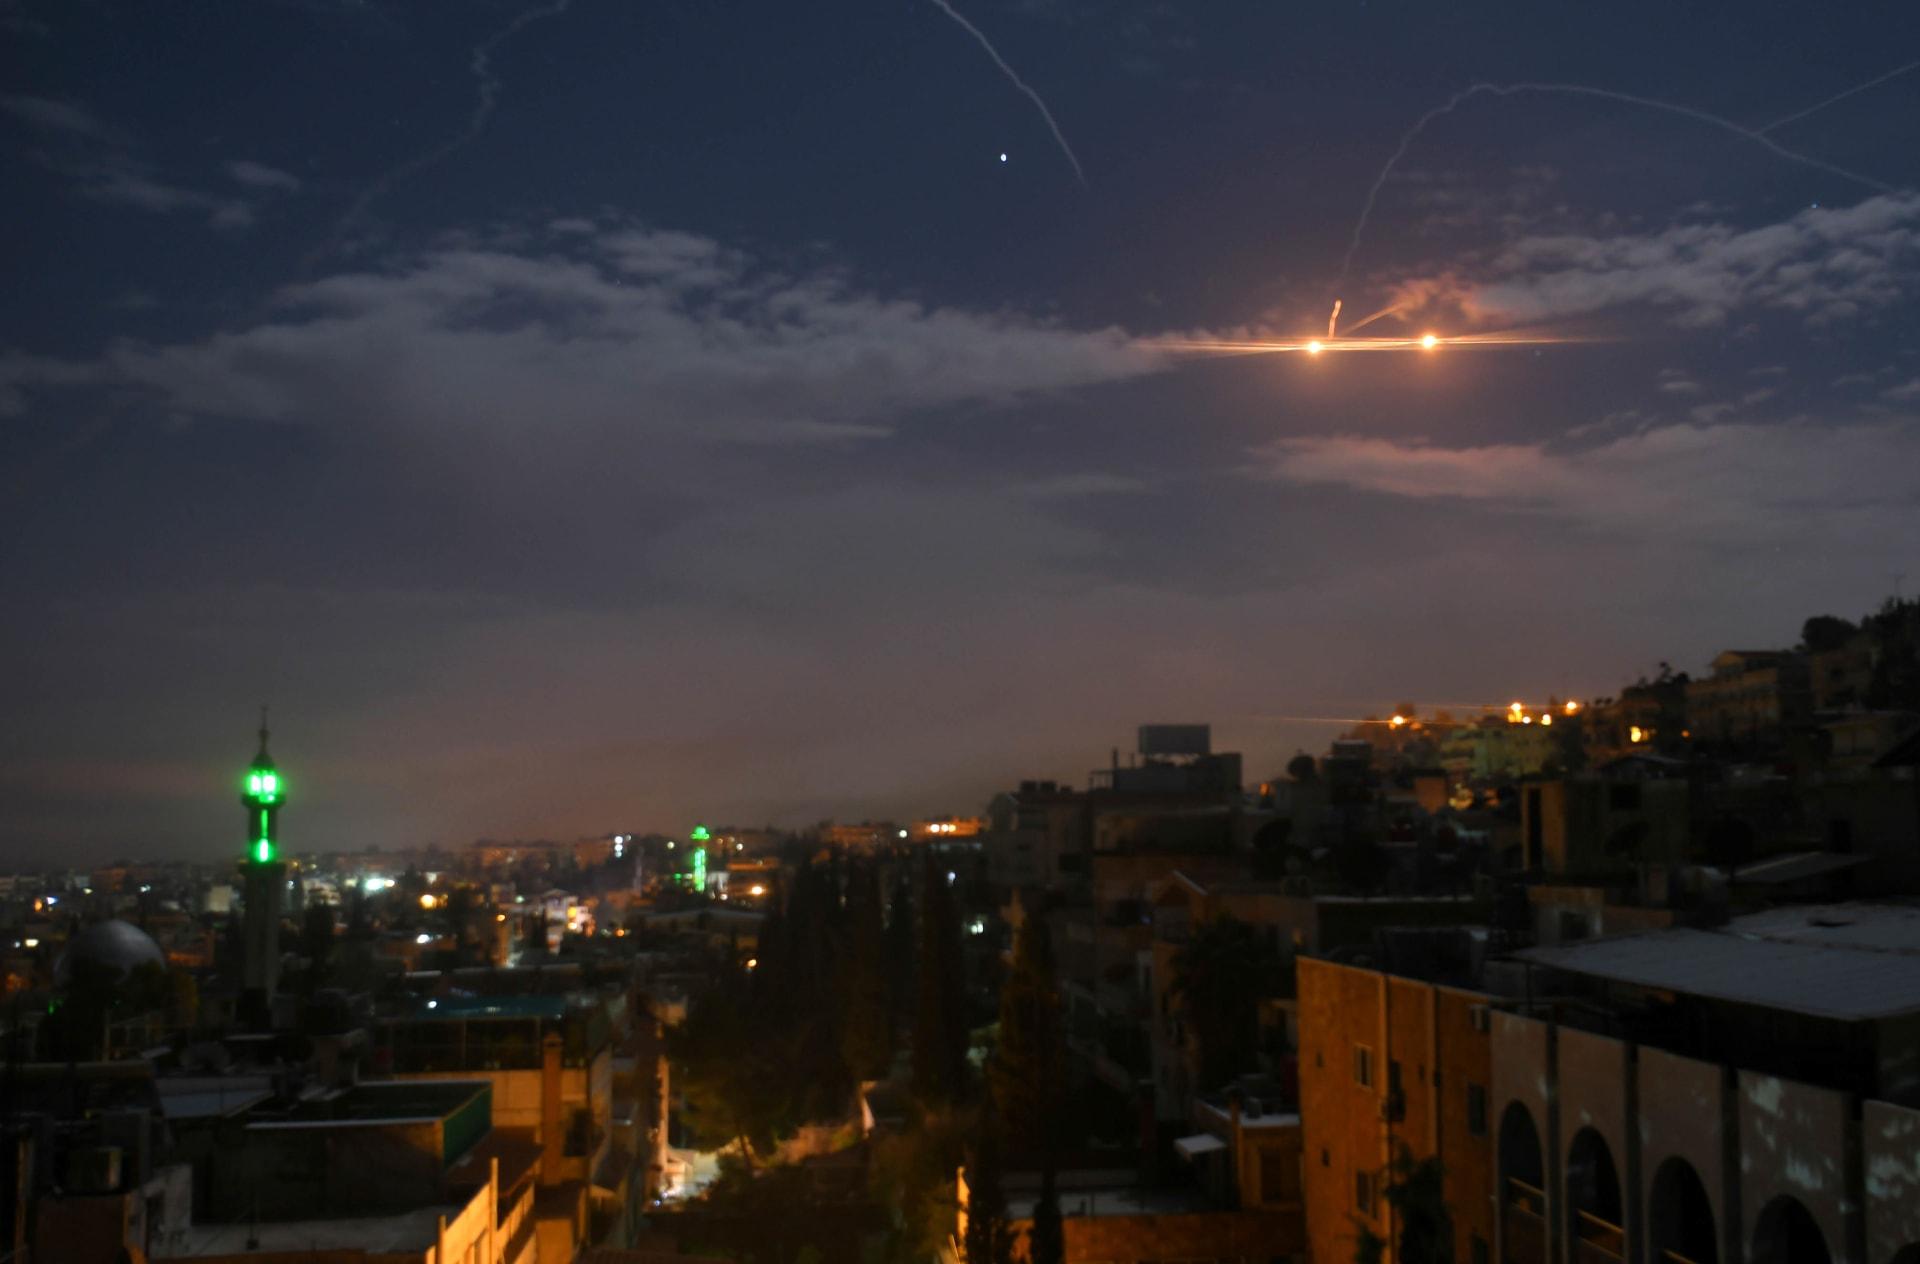 """سوريا تعلن تصدي دفاعها الجوي لـ""""أجسام مضيئة"""" وإسقاط عدد منها"""